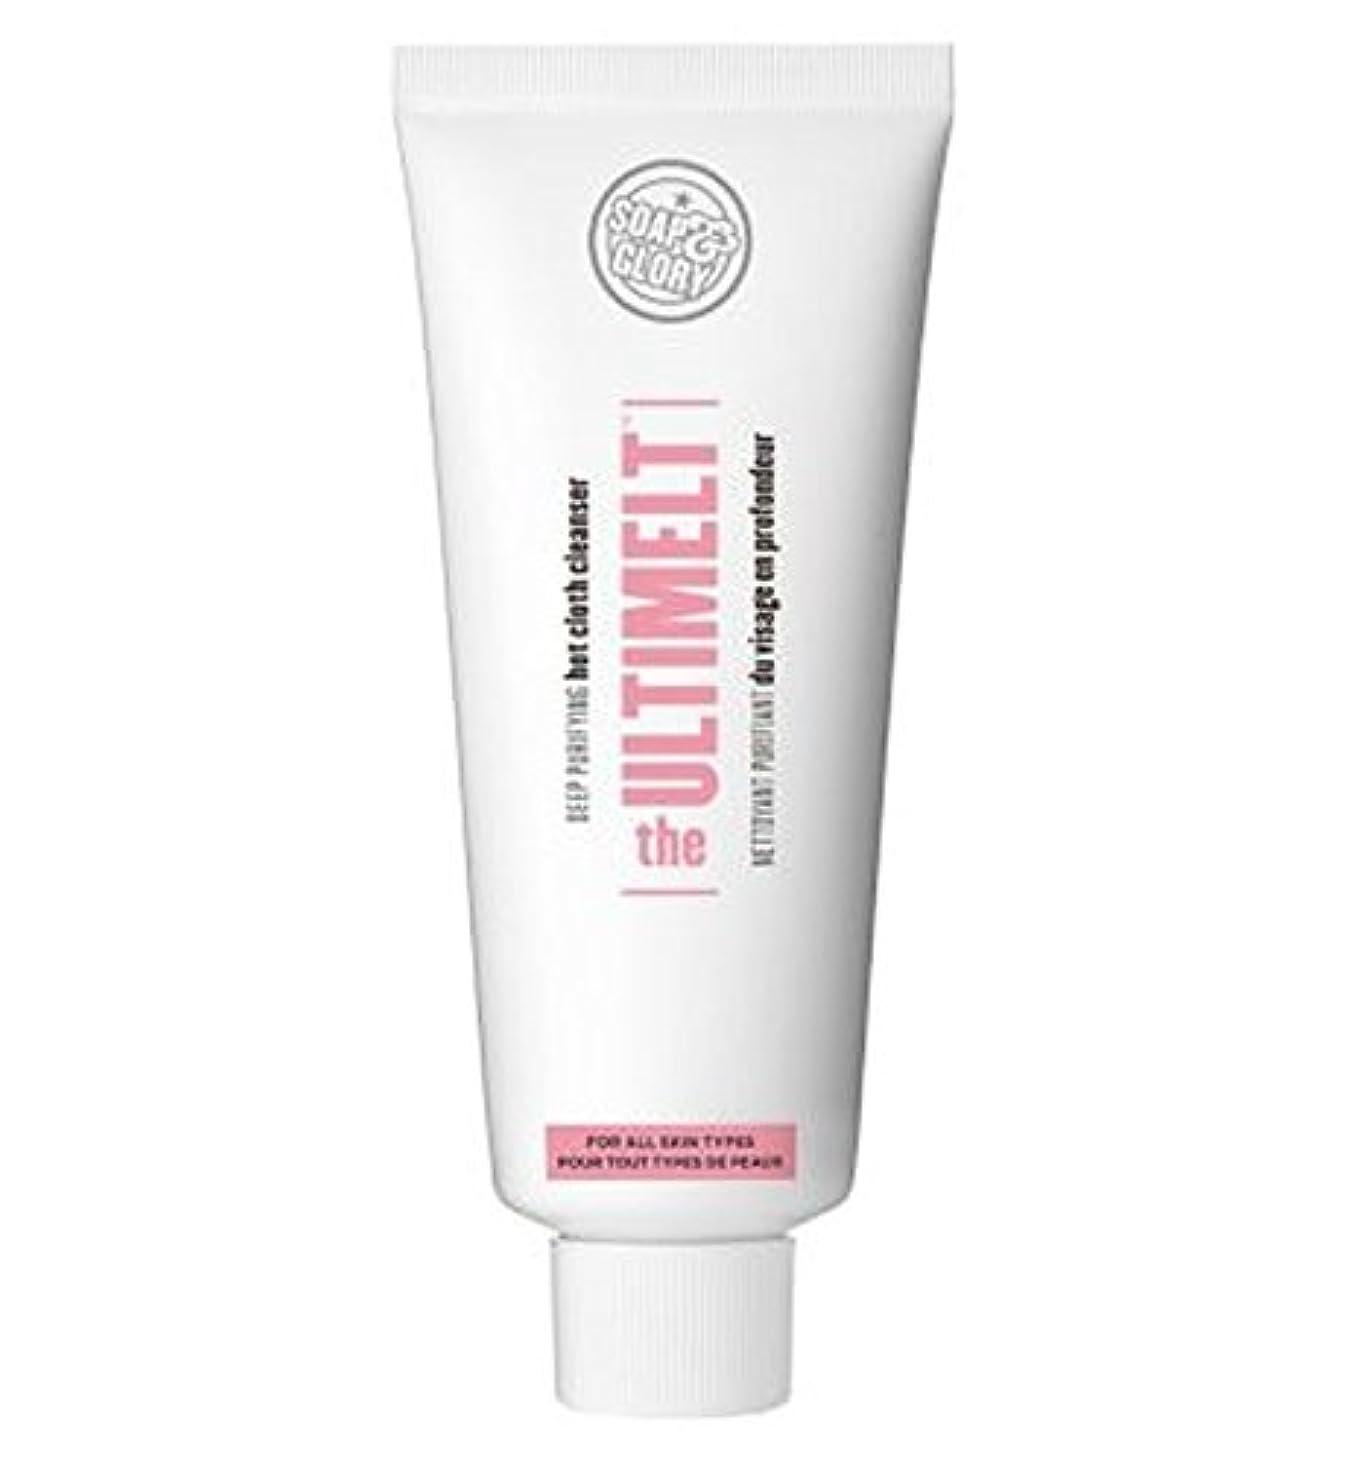 ビジネスピストル台風Ultimelt?深い浄化ホット布クレンザー?石鹸&栄光 (Soap & Glory) (x2) - Soap & Glory? The Ultimelt? Deep Purifying Hot Cloth Cleanser...